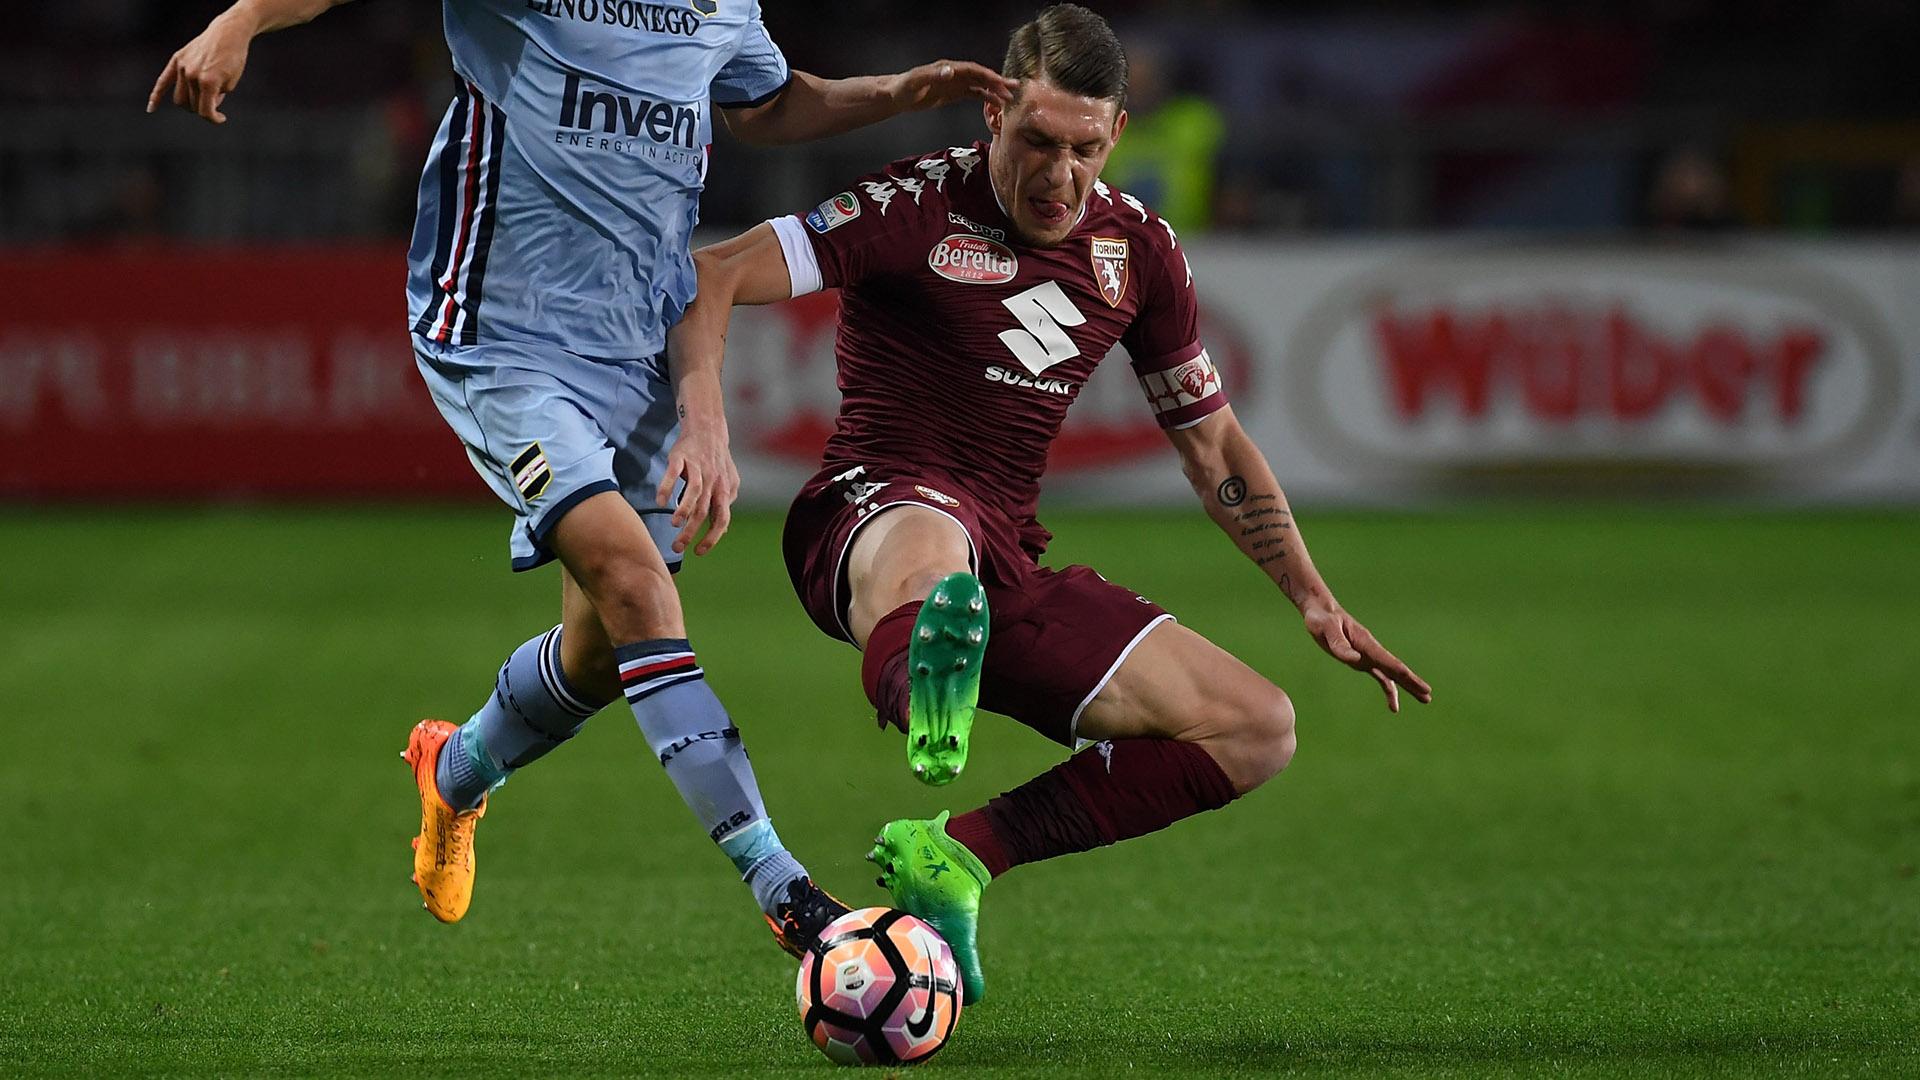 Calciomercato Milan: contatti con il Torino per Belotti